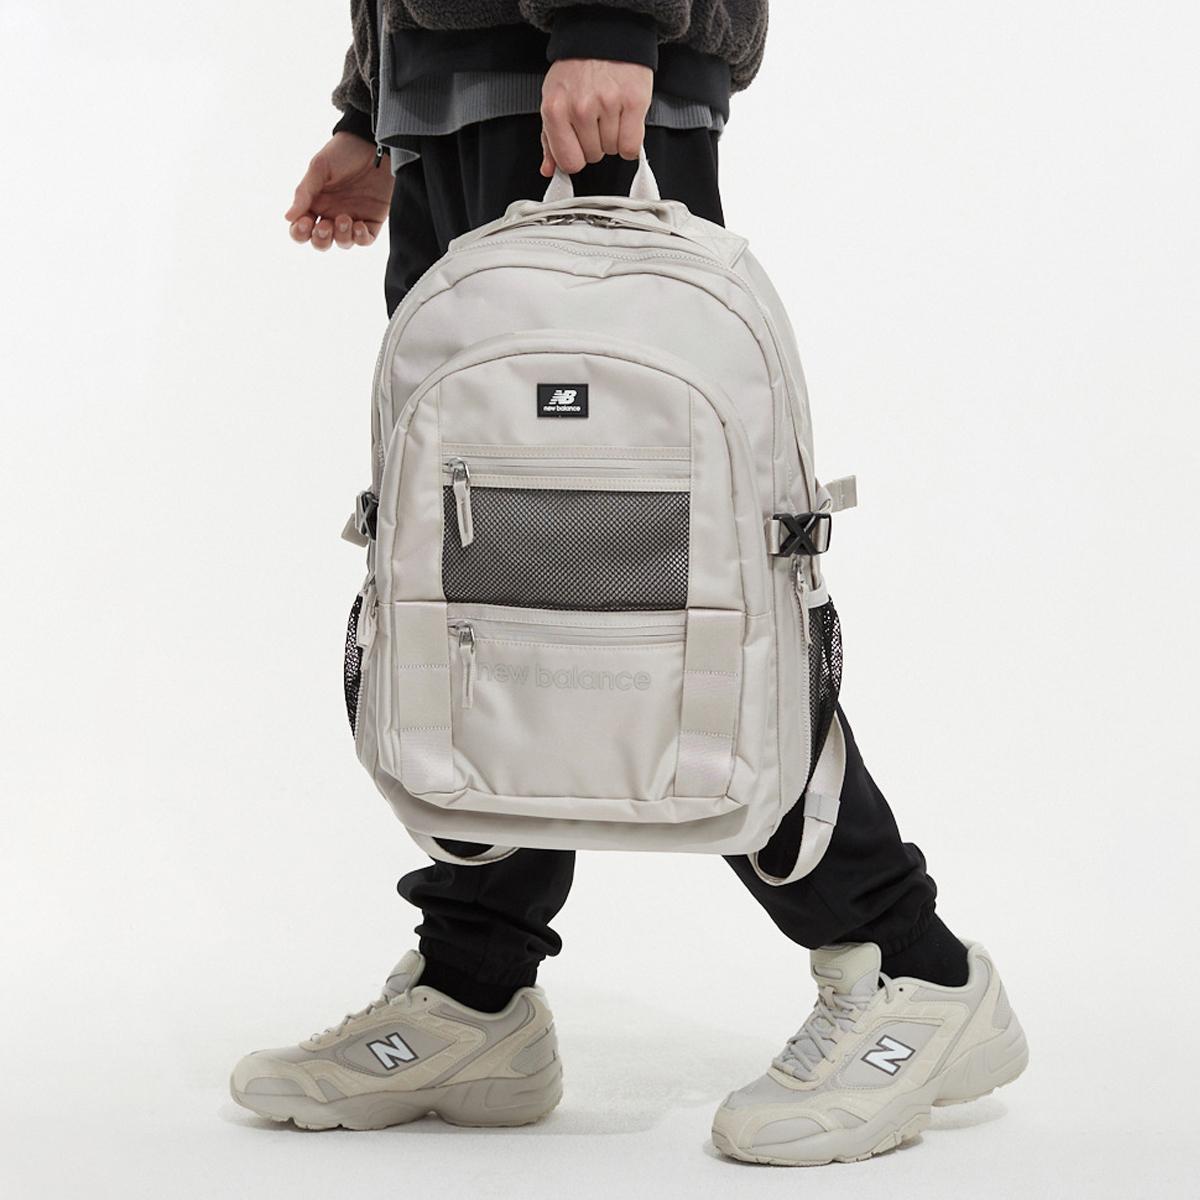 3D V5 Backpack